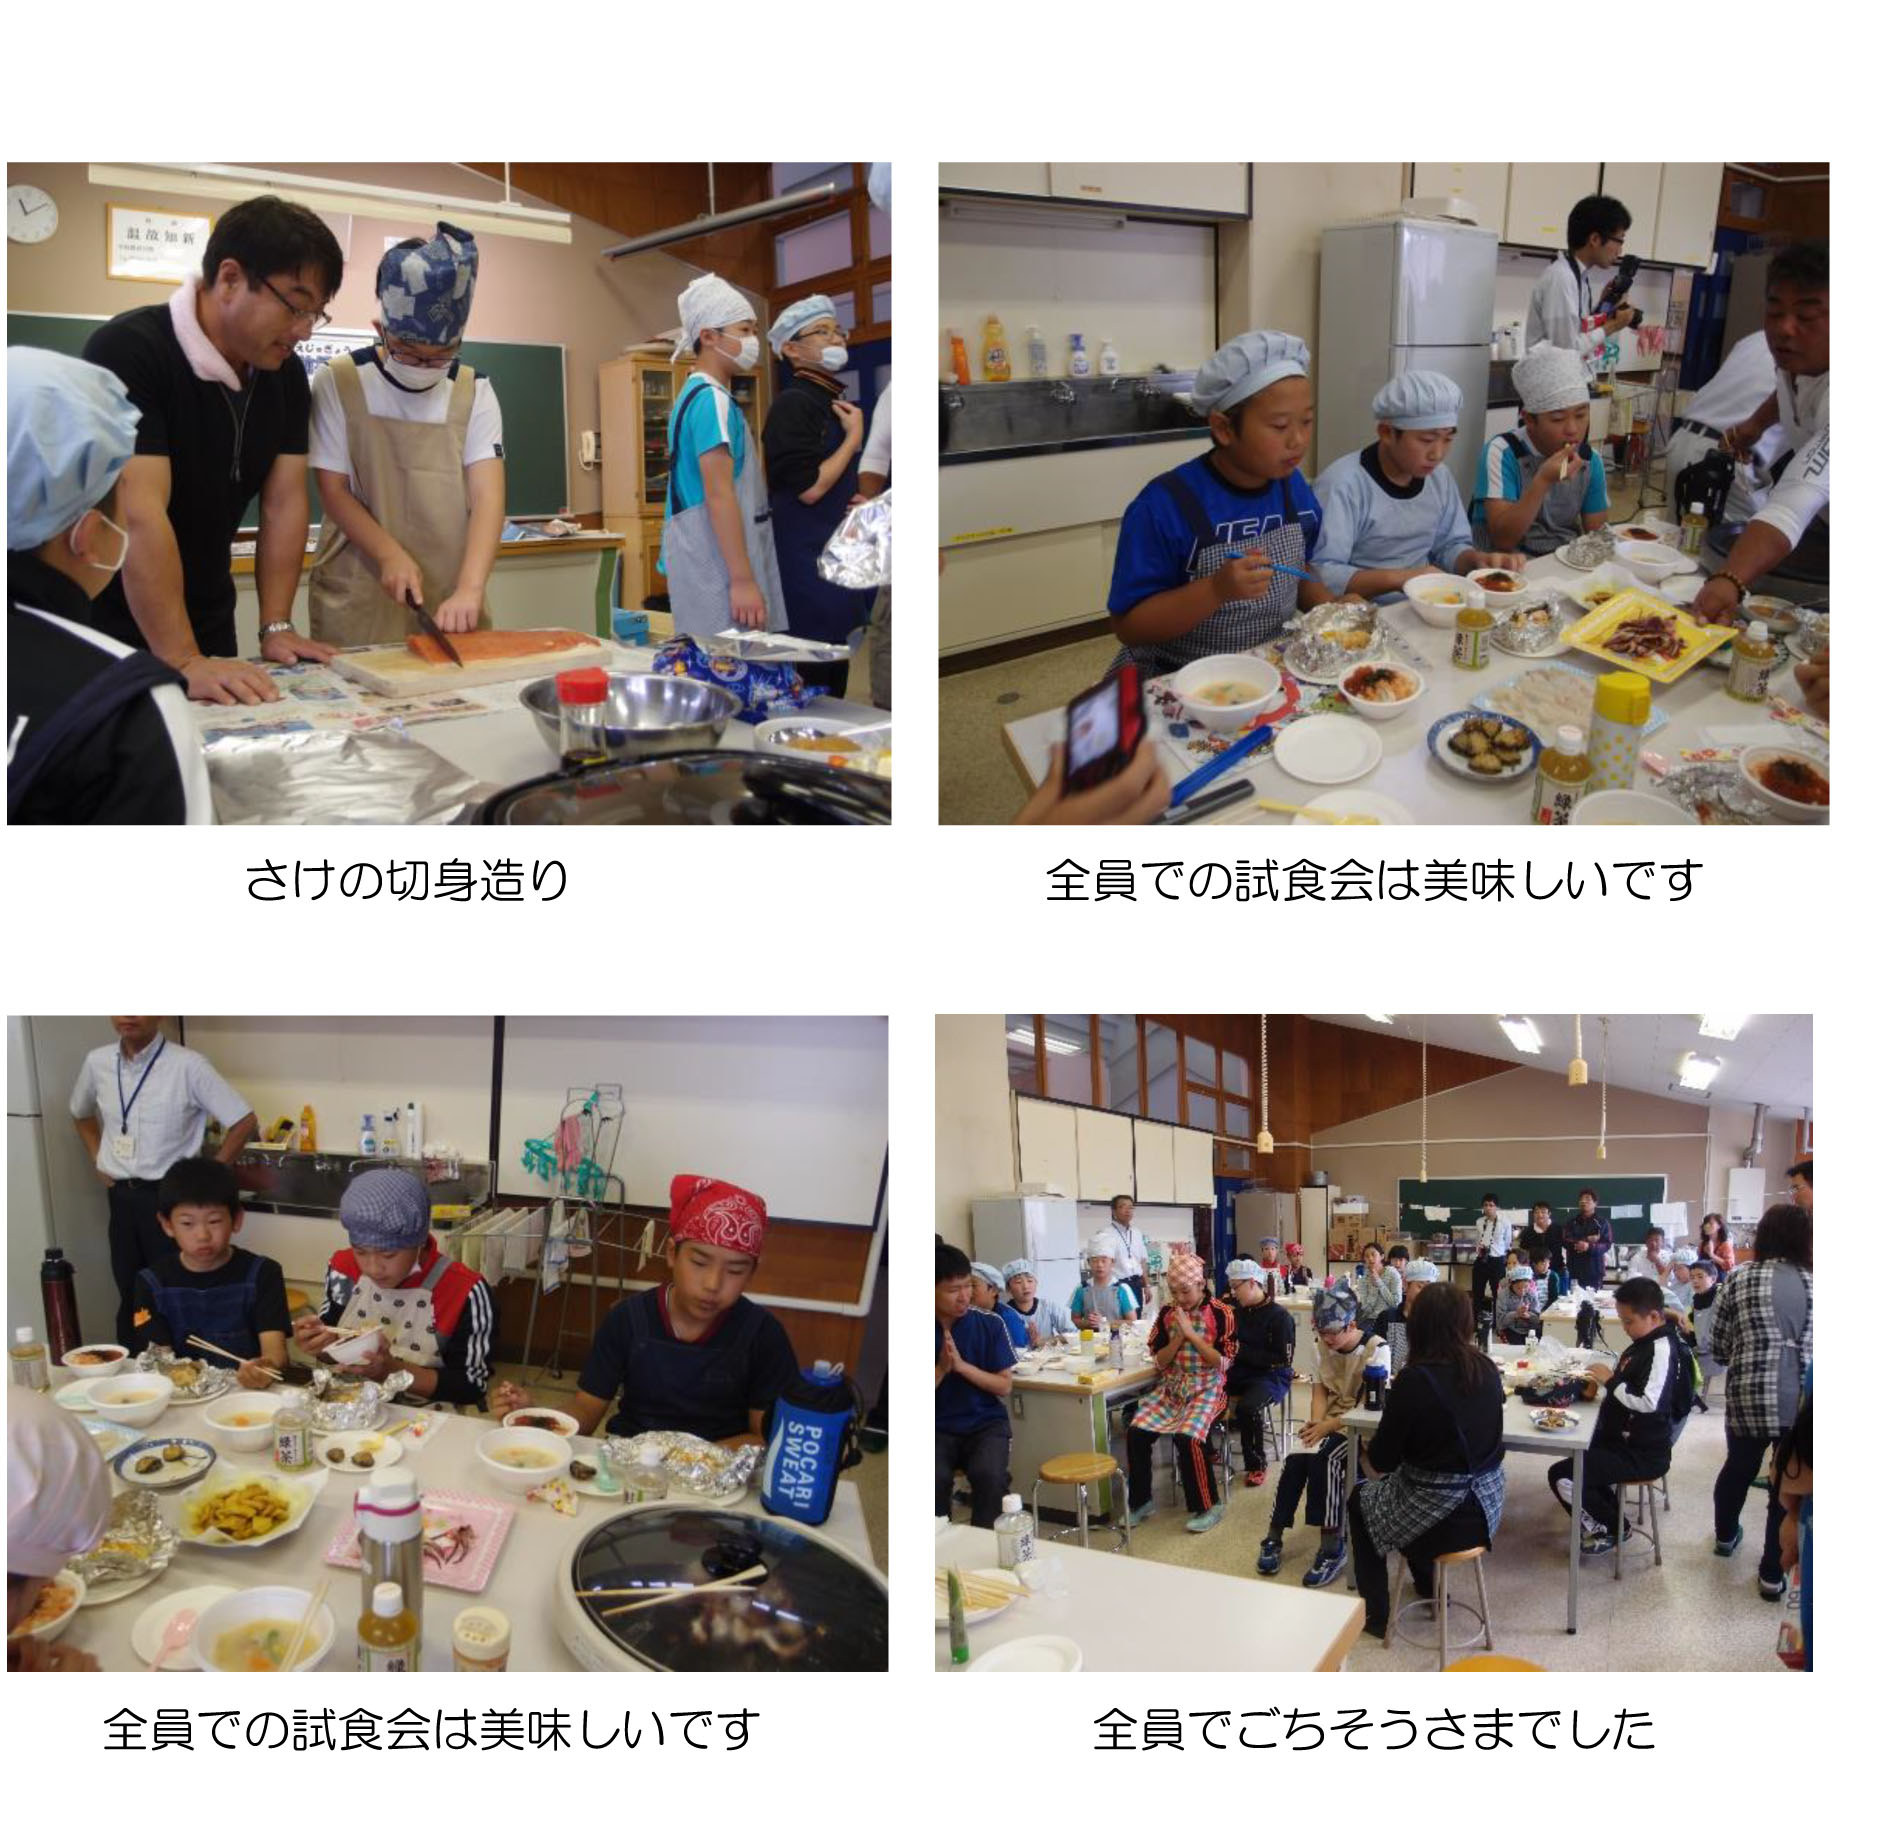 檜山漁業士会と「漁業士さんの出前授業」を開催しました-2